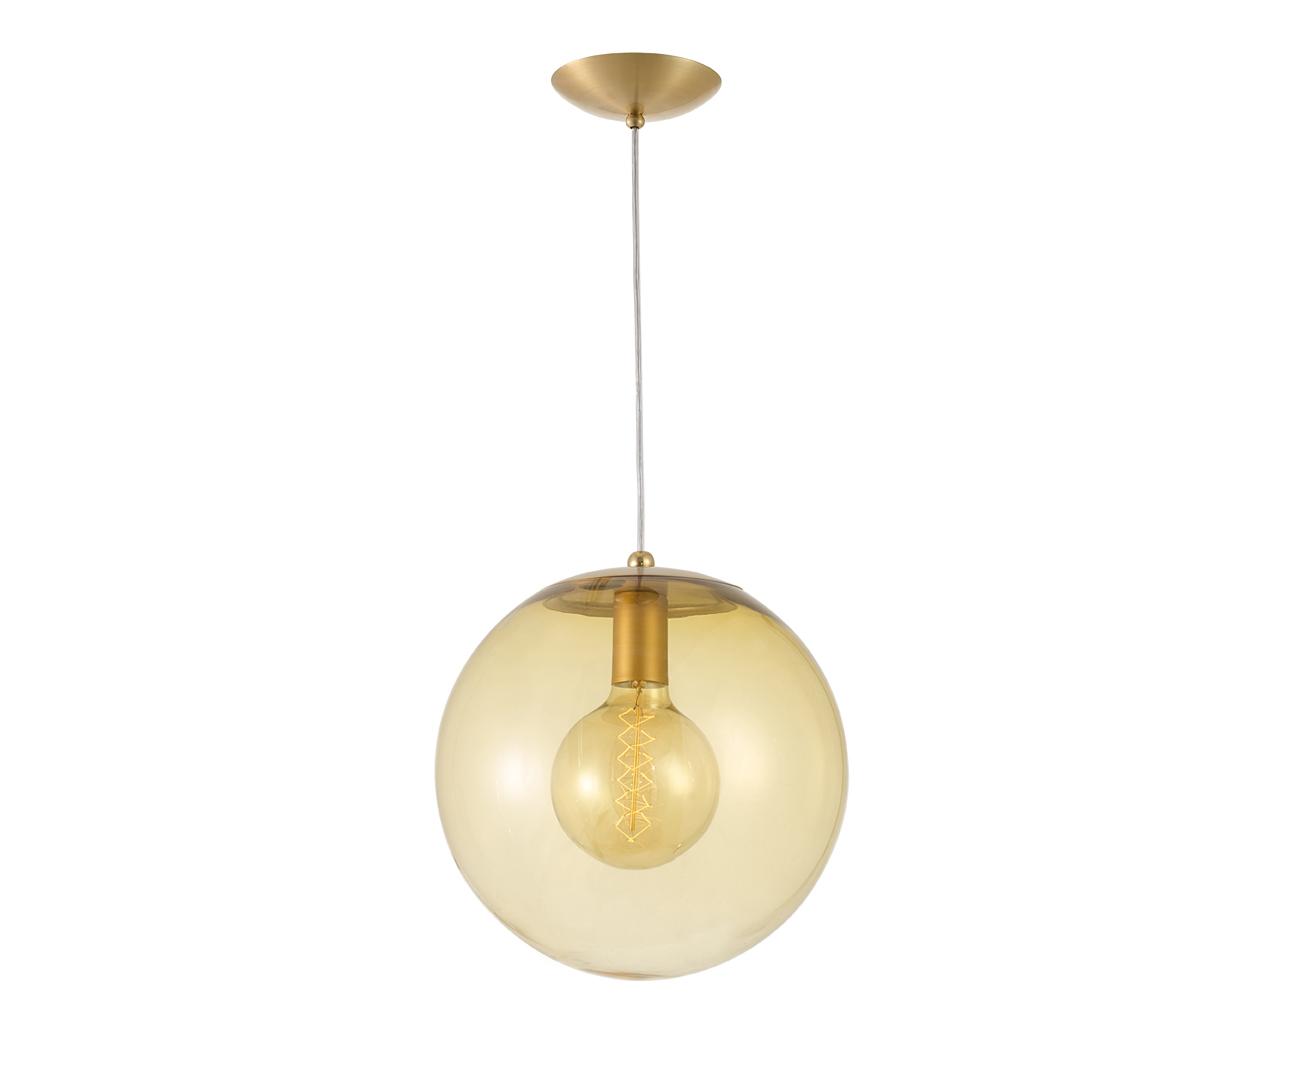 pendente dourado bola vidro âmbar 20cm 1117